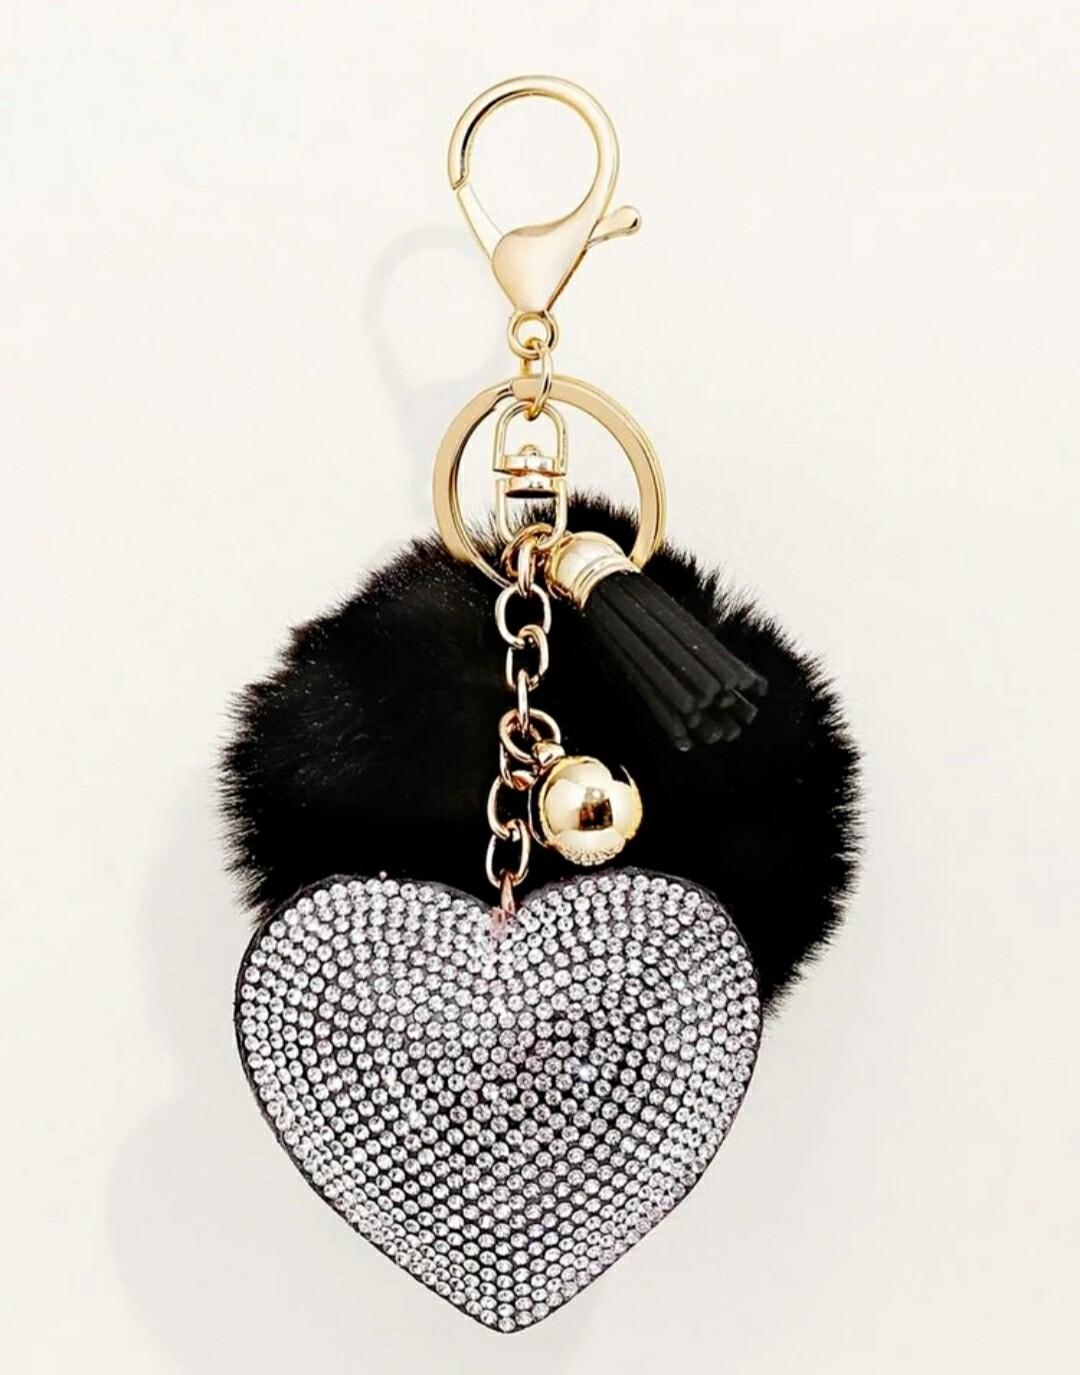 Silver Rhinestone Heart Keychain